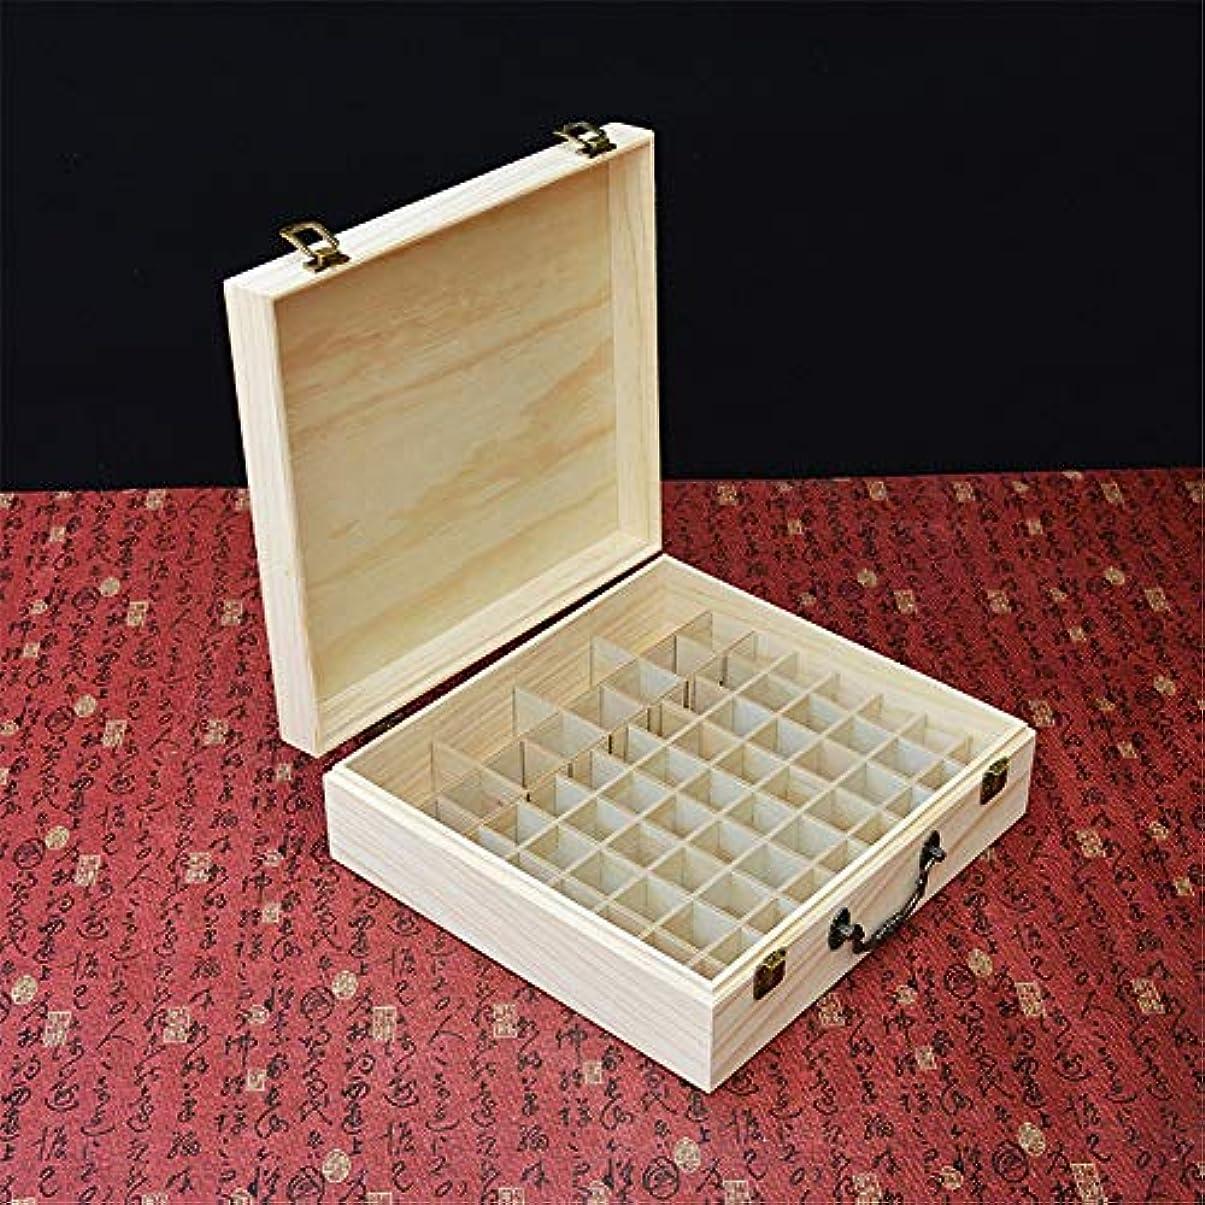 カフェ木材第二に旅行やプレゼンテーションのために66スロット木製エッセンシャルオイルストレージボックスパーフェクト アロマセラピー製品 (色 : Natural, サイズ : 31.5X29X10CM)